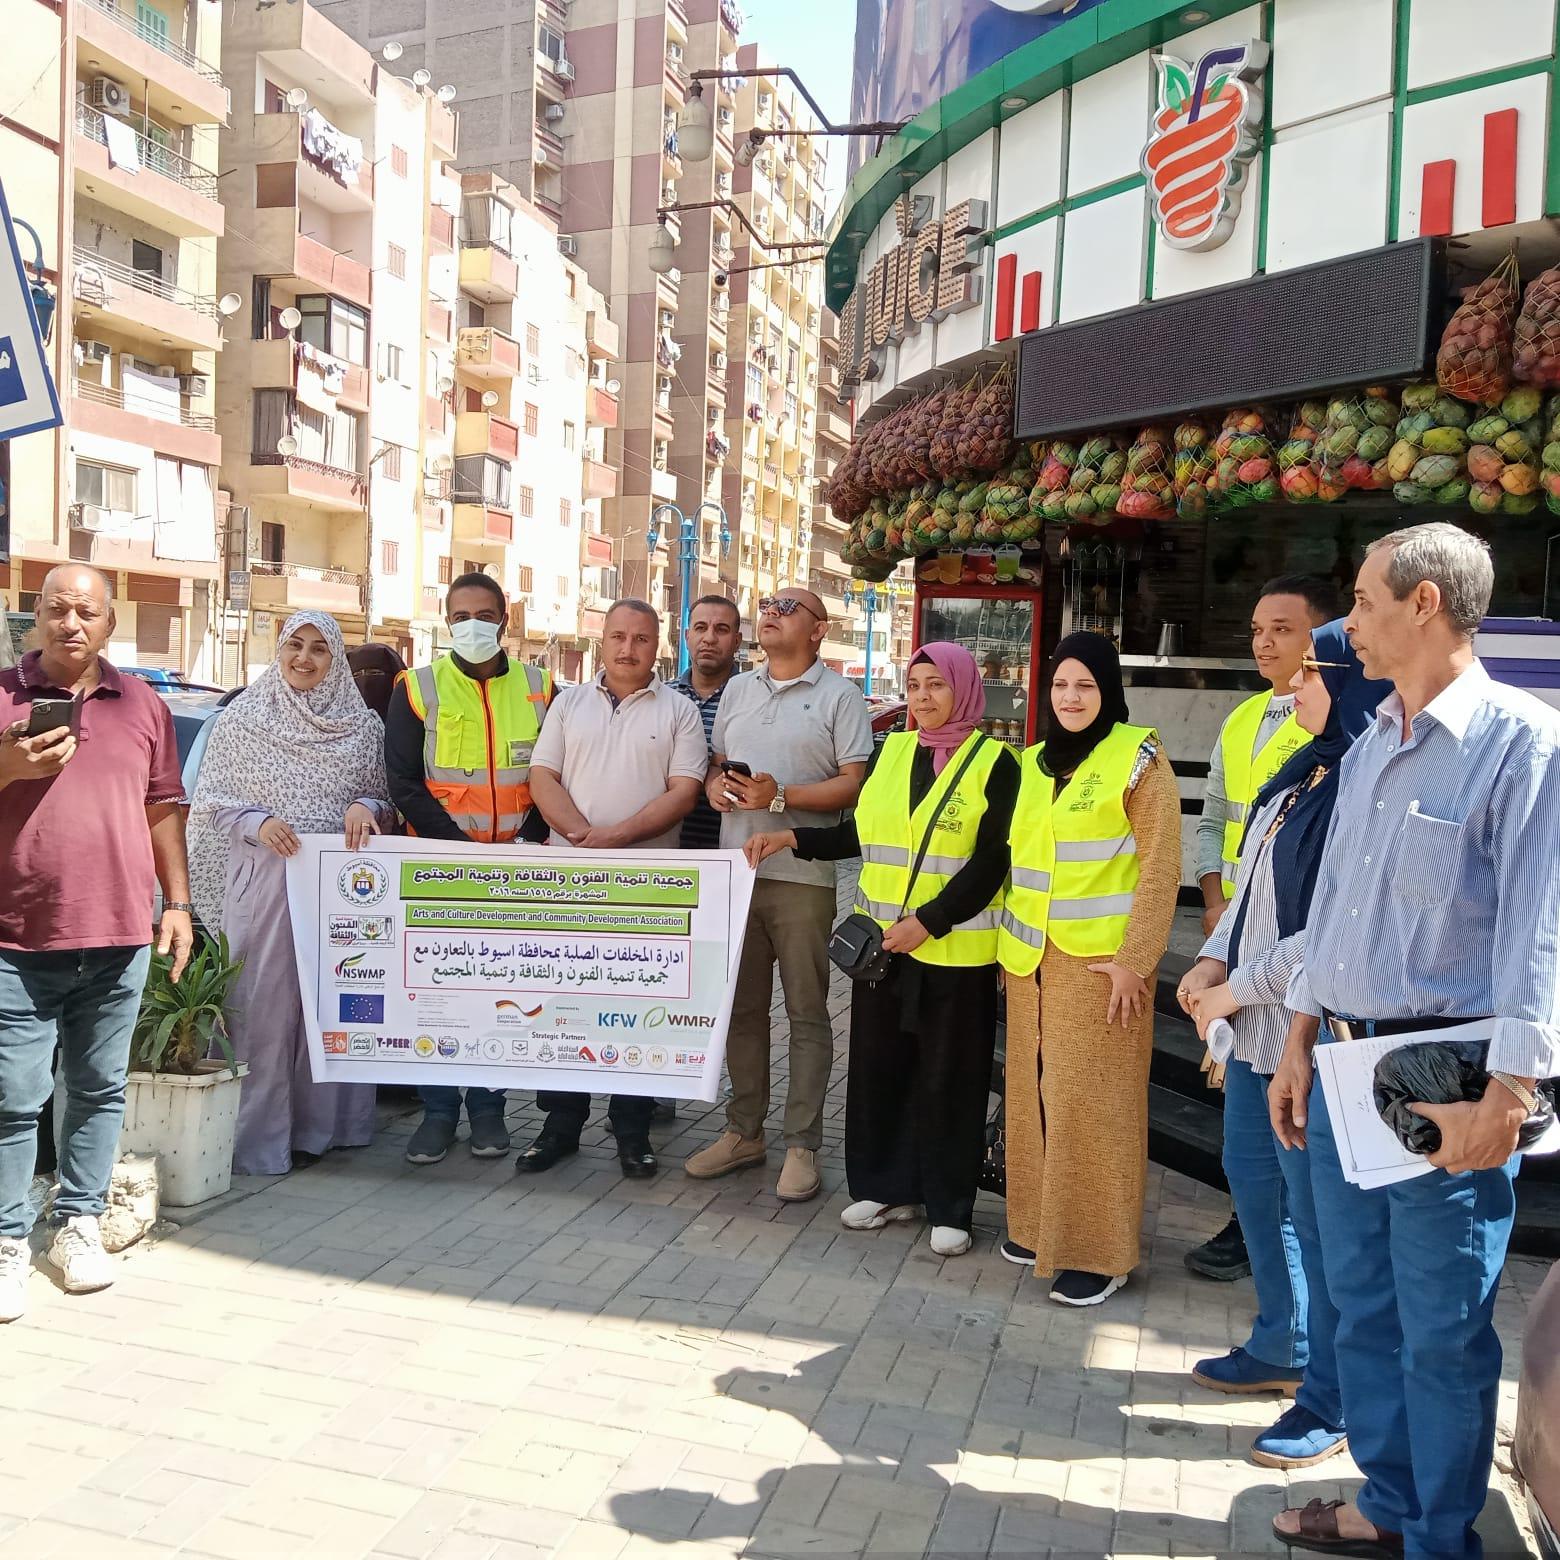 استمرار حملات التشجير والتوعية البيئية وتنفيذ حملة بمنطقة فريال بحي شرق ضمن مبادرة اتحضر لل (7)